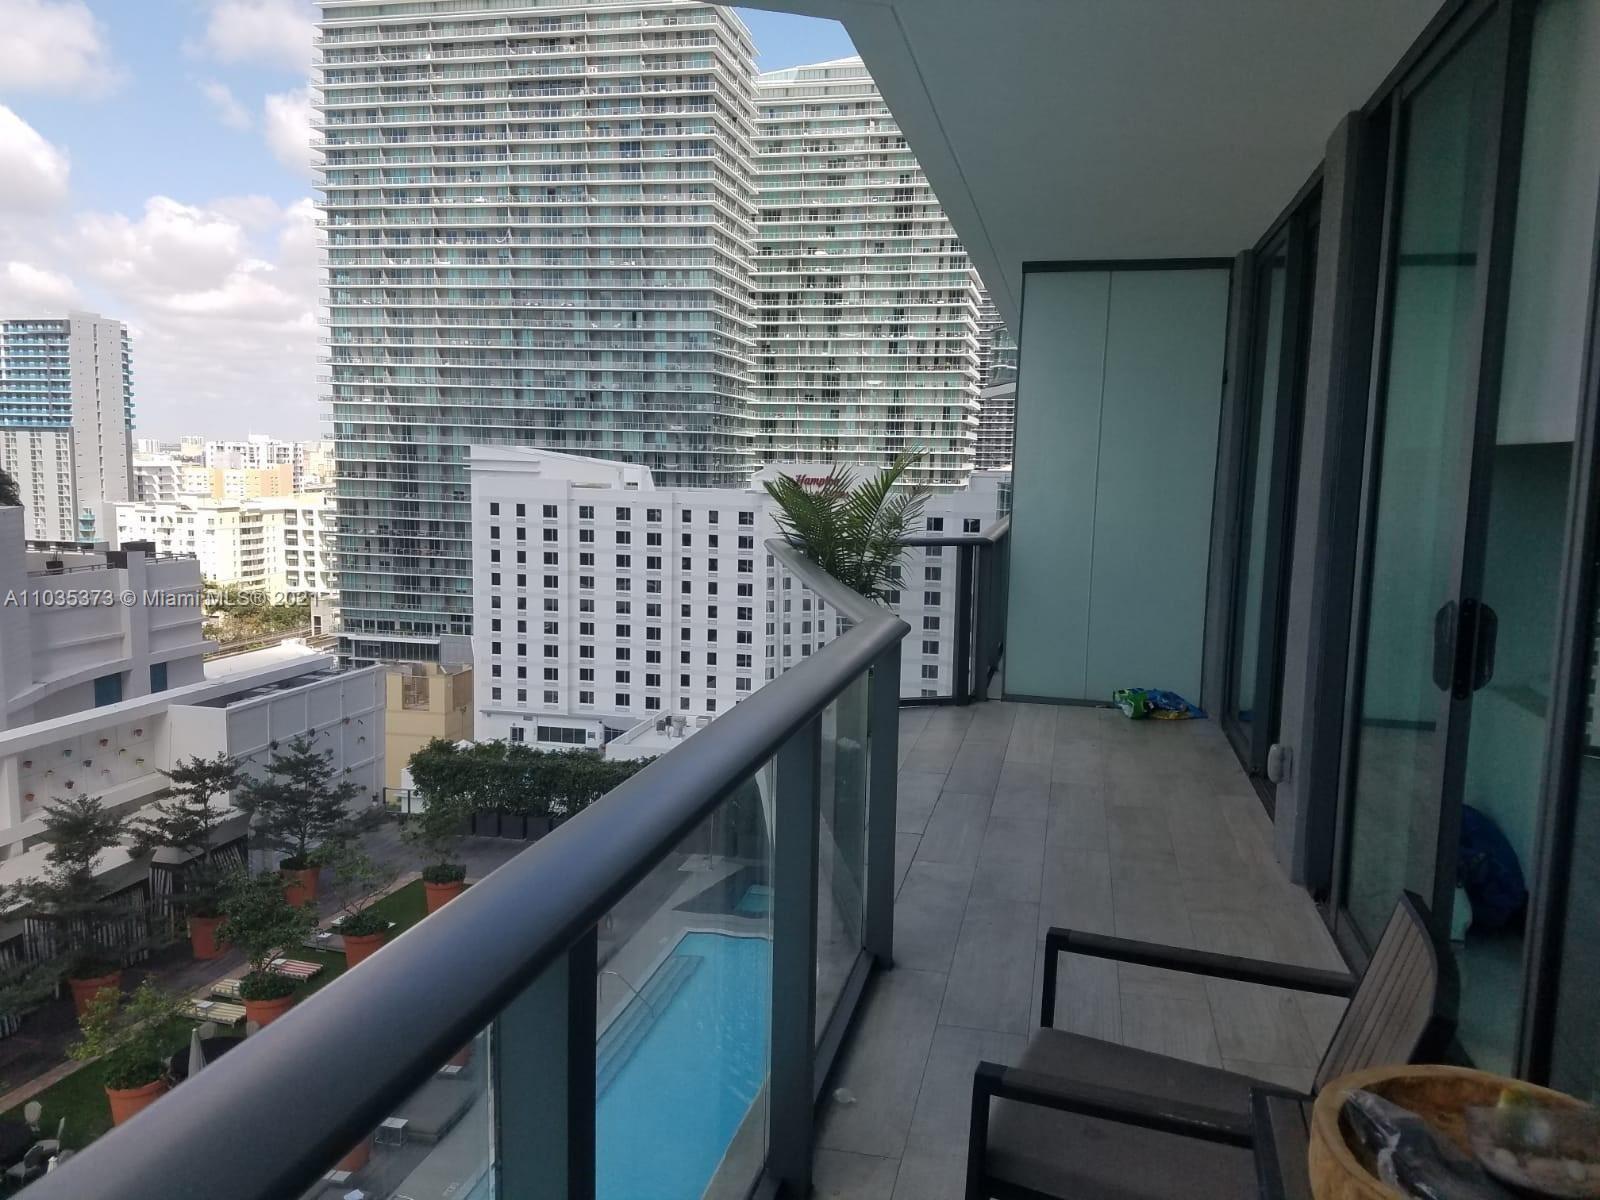 1300 S Miami Ave #1407, Miami, FL 33130 - #: A11035373